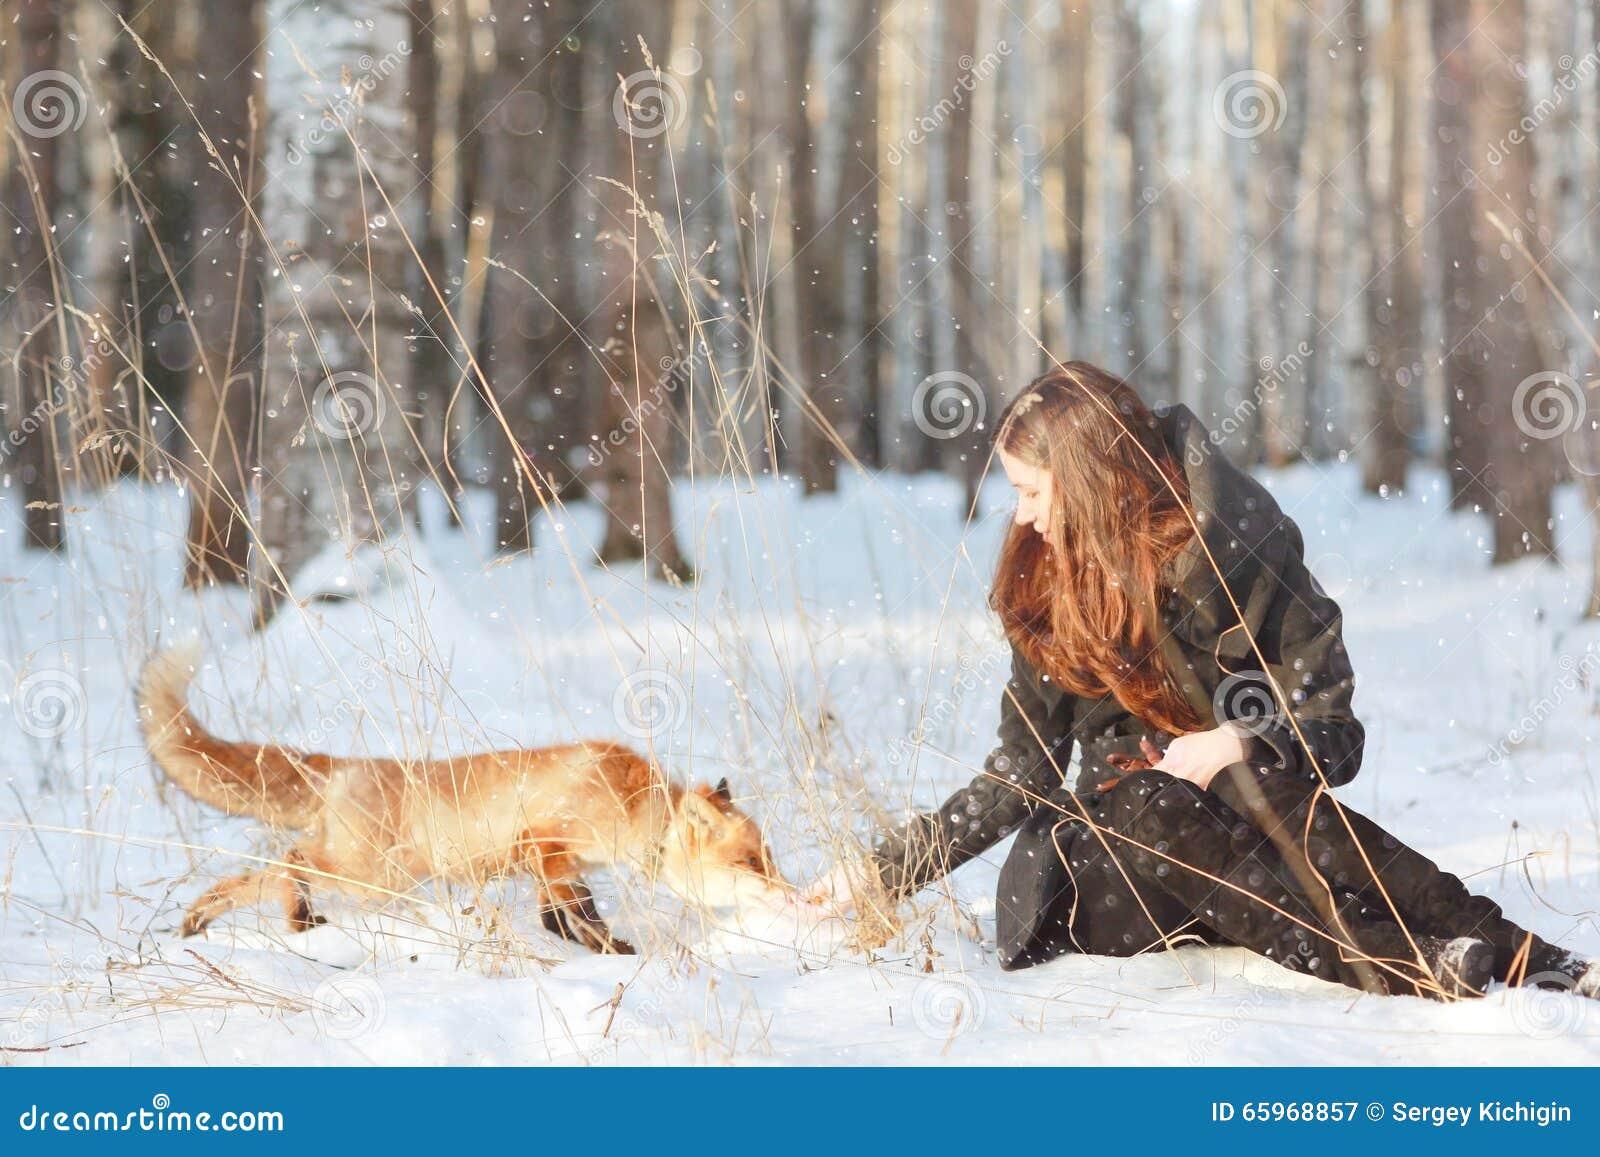 狐狸��h����j˞j���_女孩和狐狸在冬天森林里.